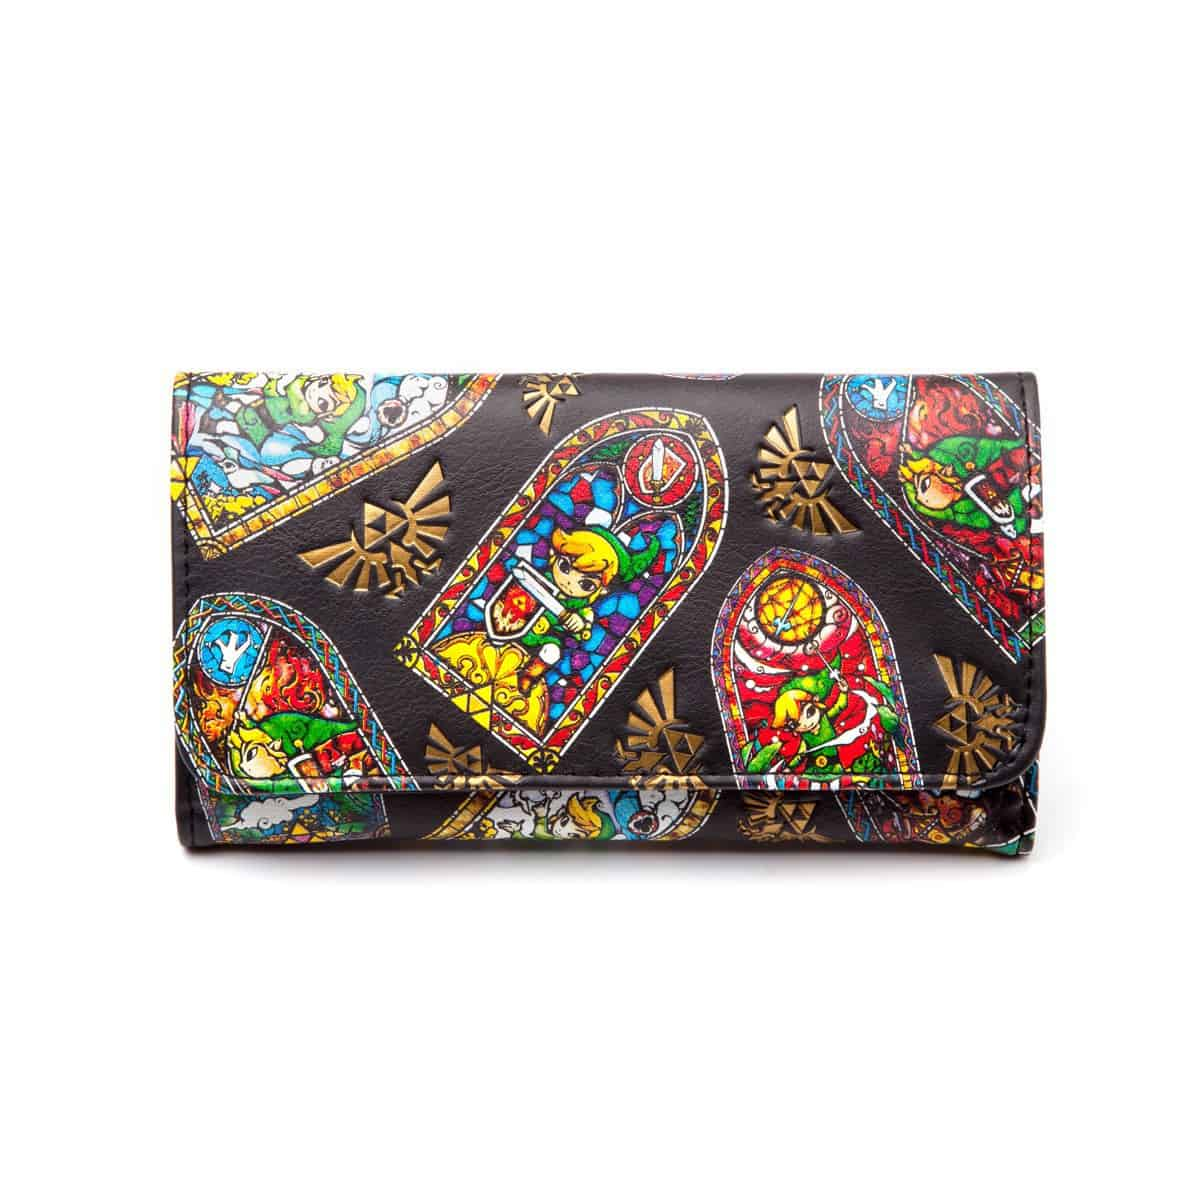 Zelda - Windwaker - Folded Wallet, Stained Glass